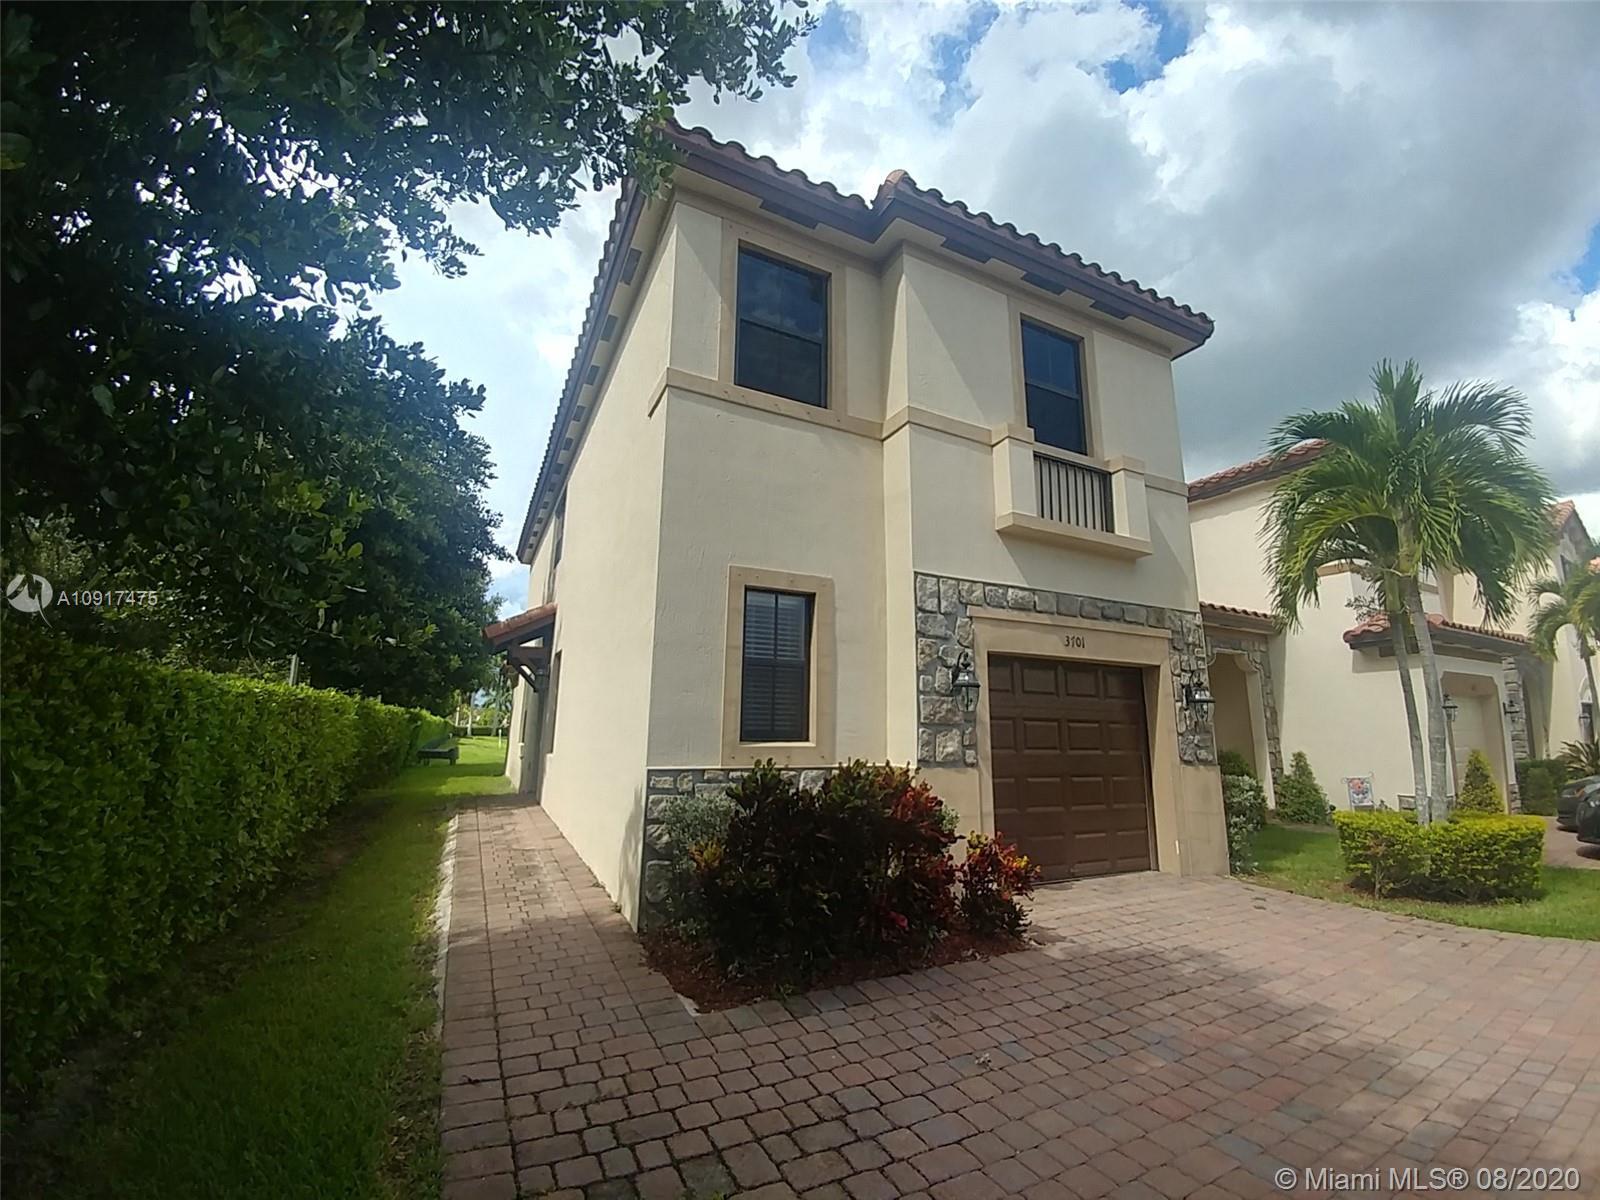 3701 NE 2nd St Property Photo